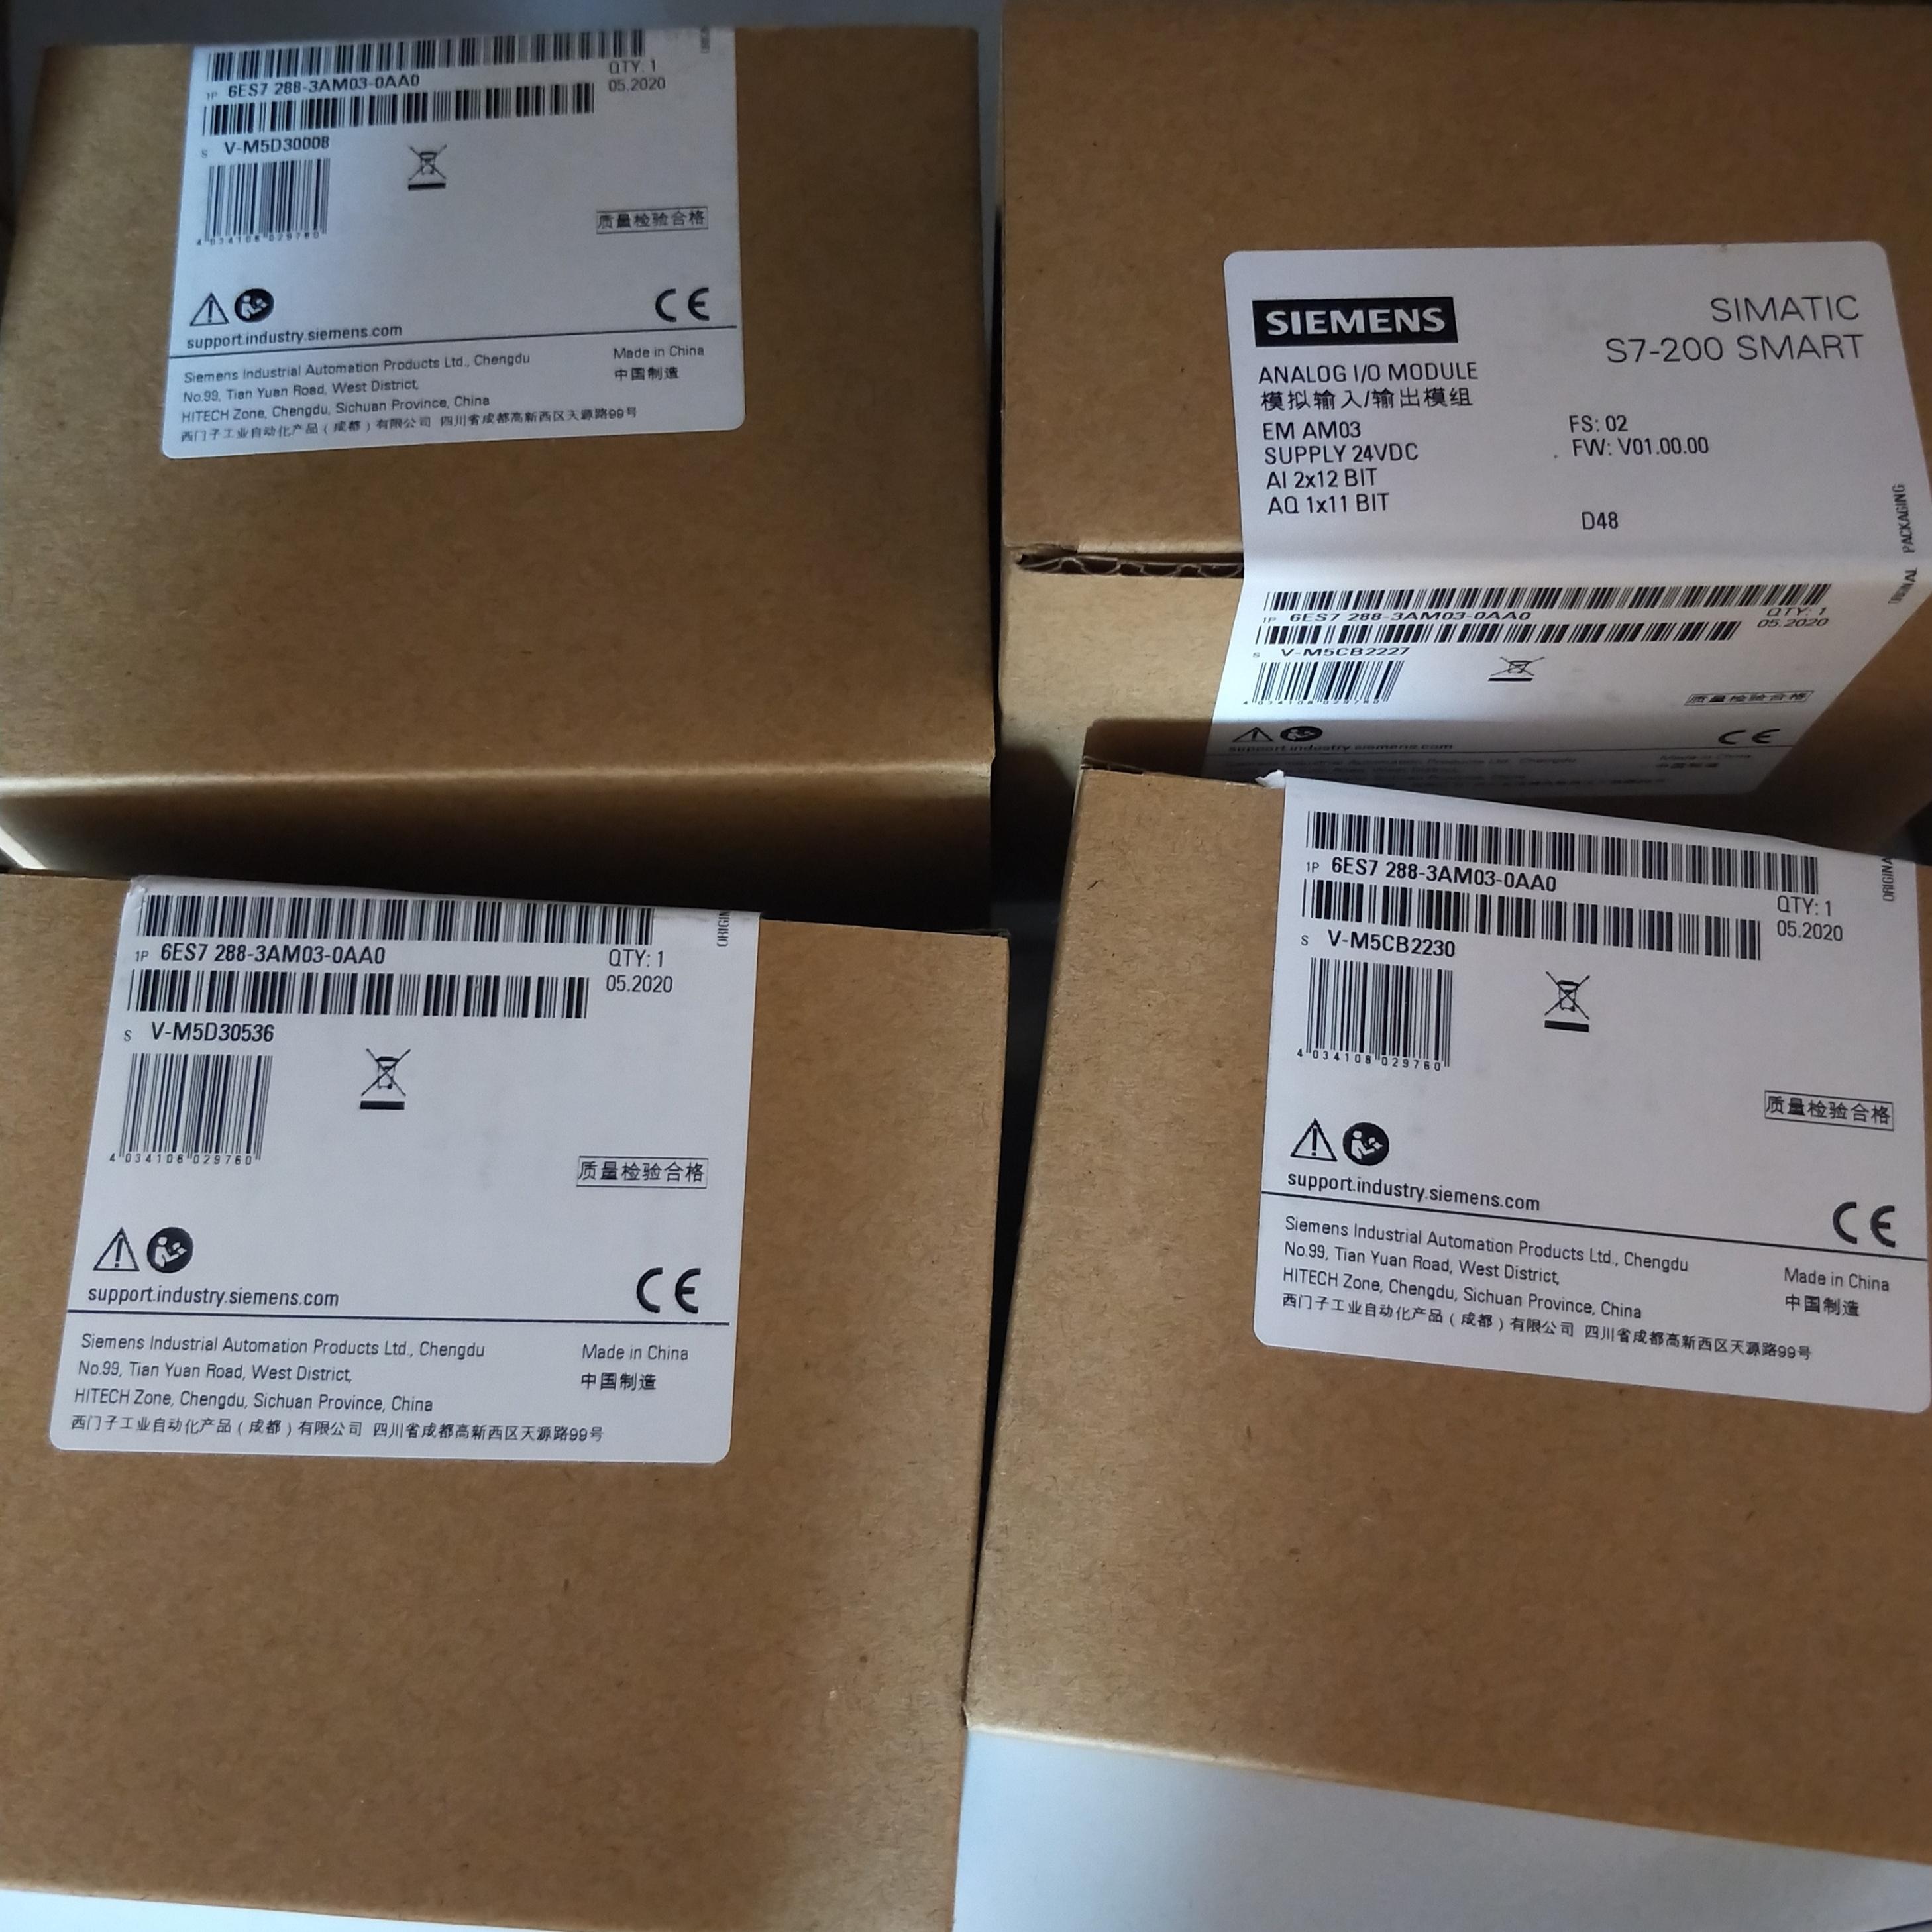 忻州西门子S7-200 SMART模块代理商